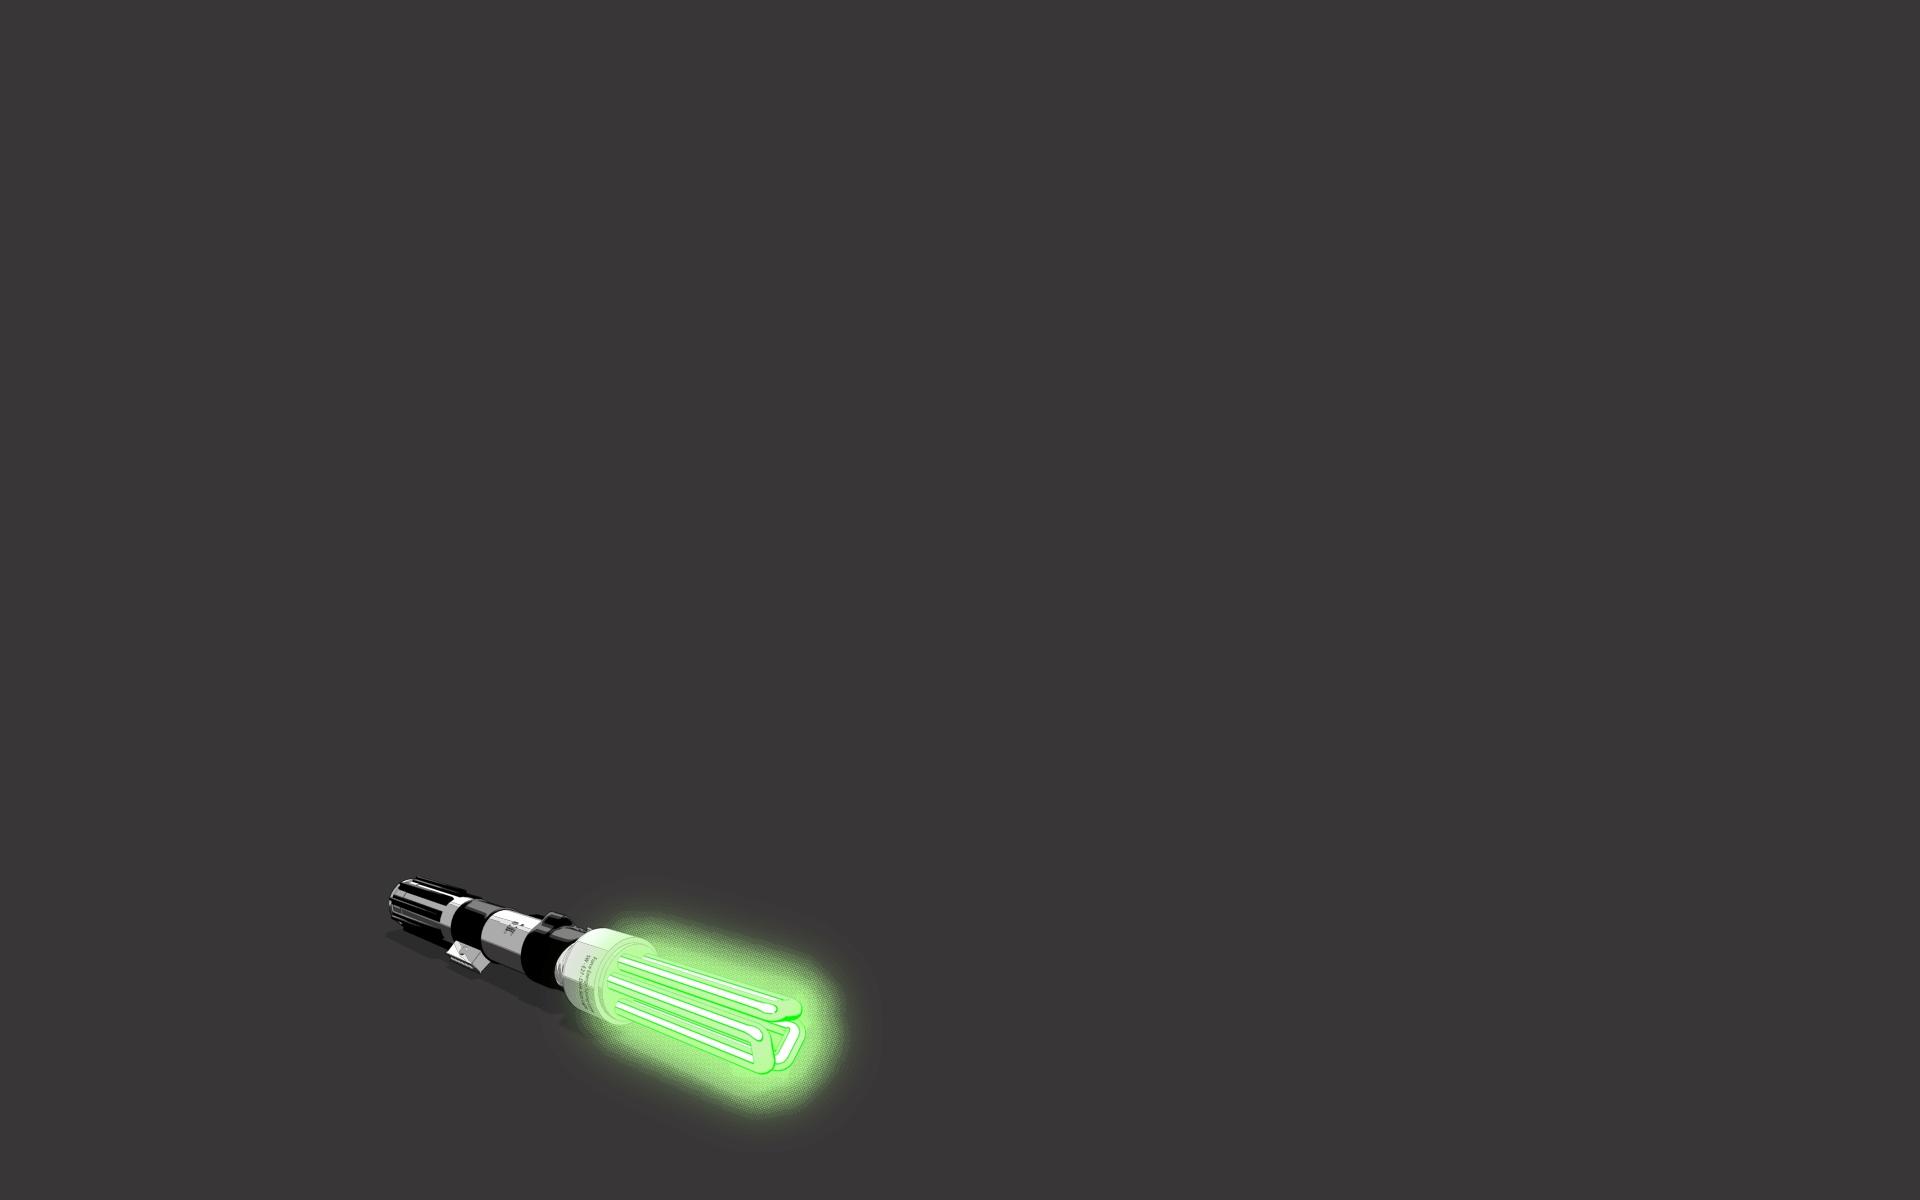 lightsabers lightsaber 327225 1920x1200